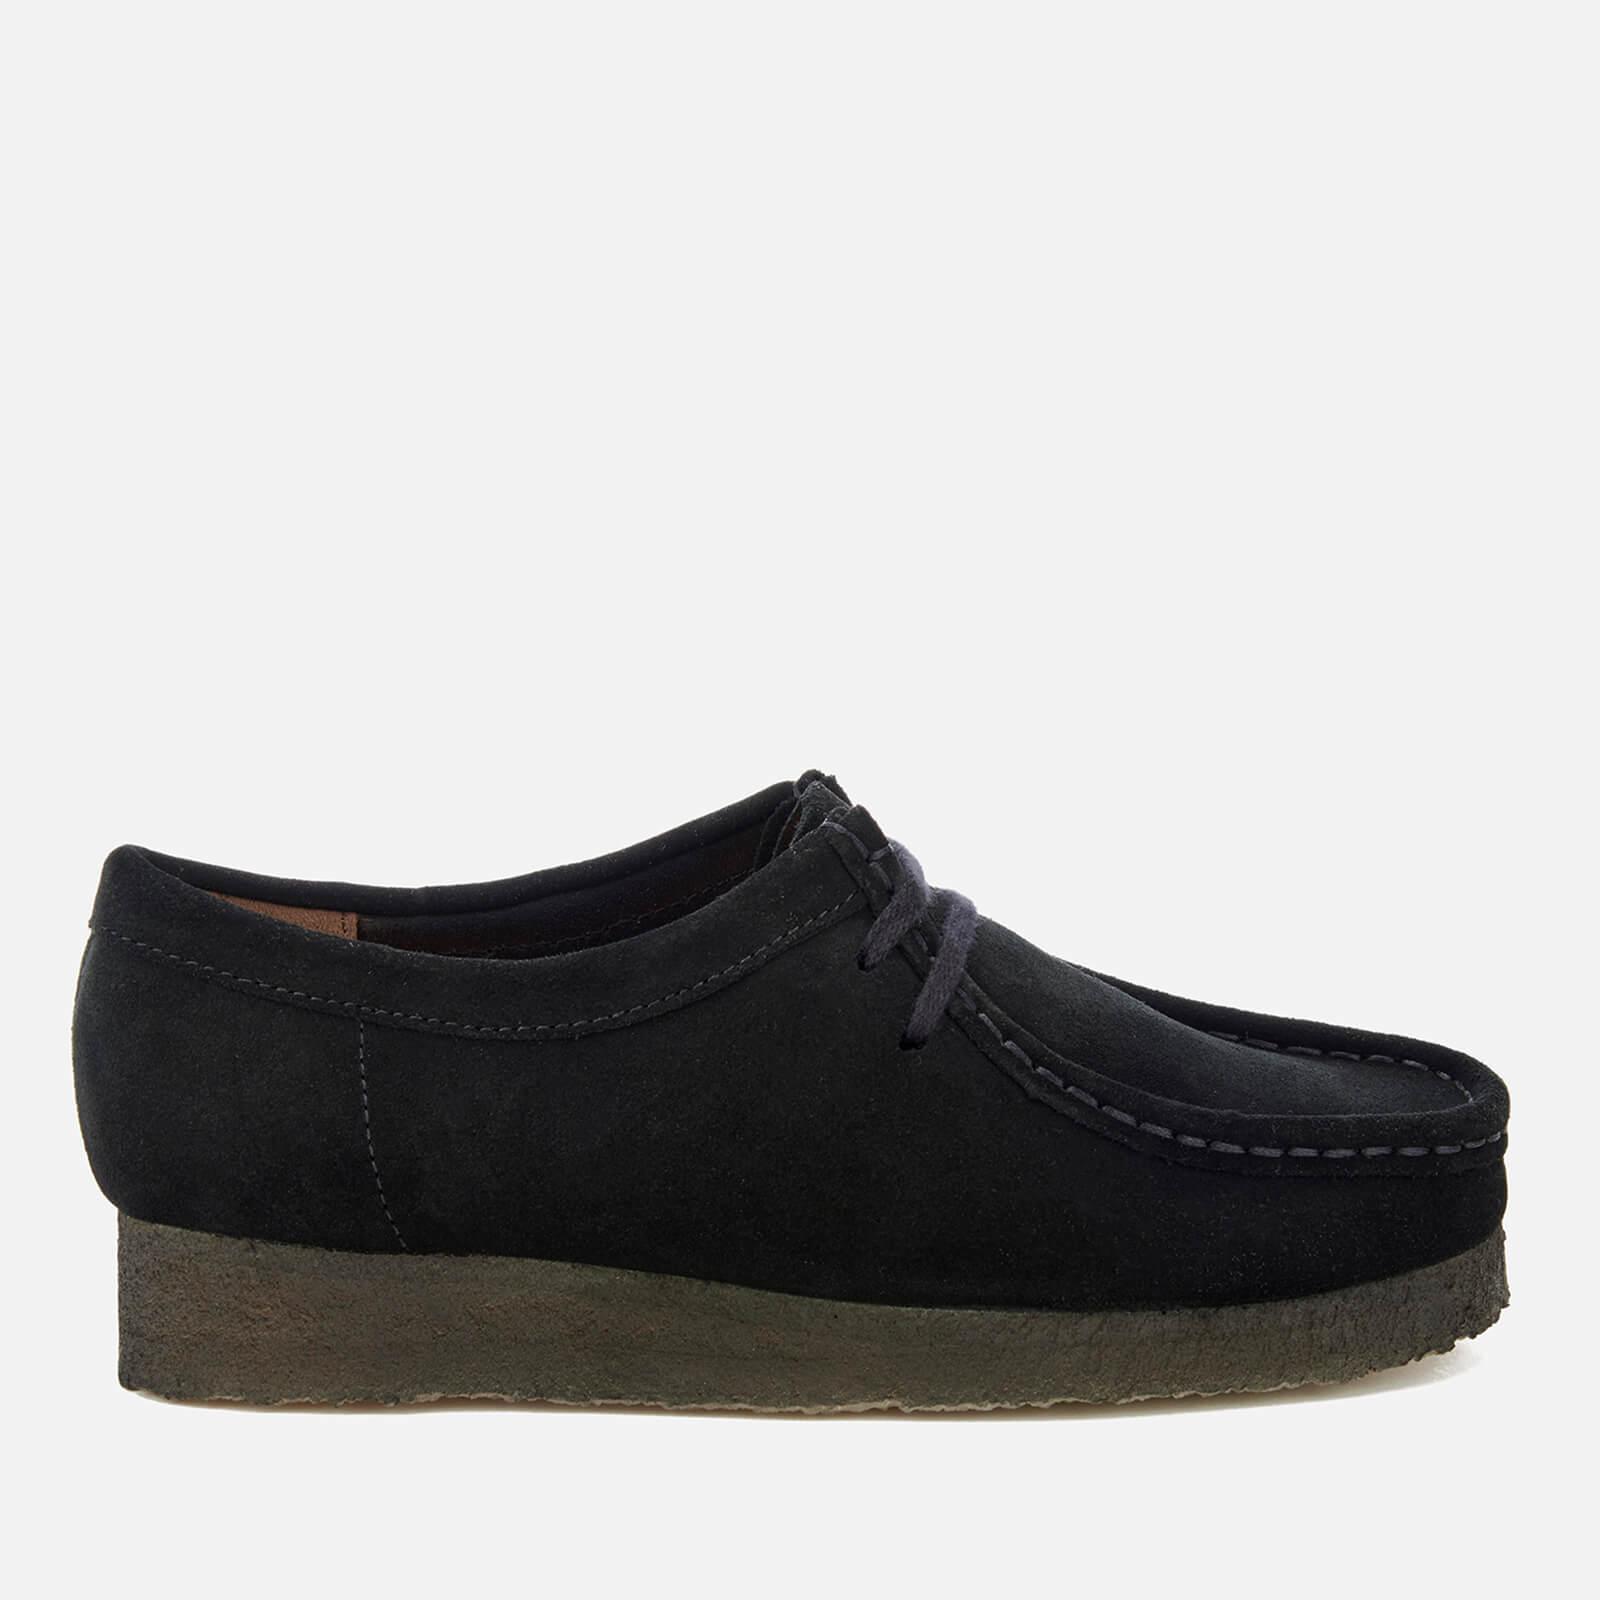 Clarks Originals Women's Wallabee Shoes - Black Suede - UK 8